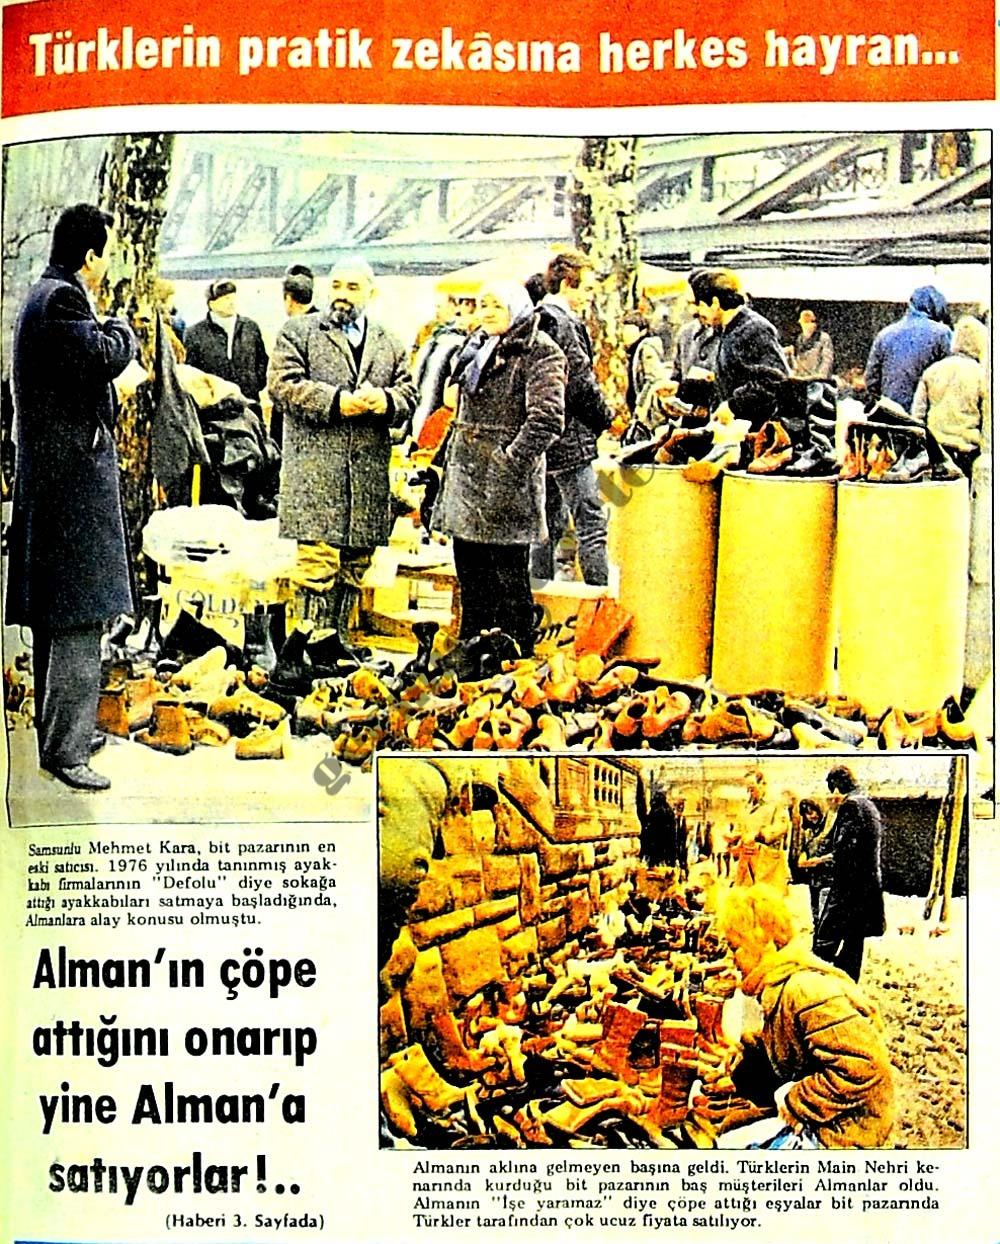 Türklerin pratik zekasına herkes hayran